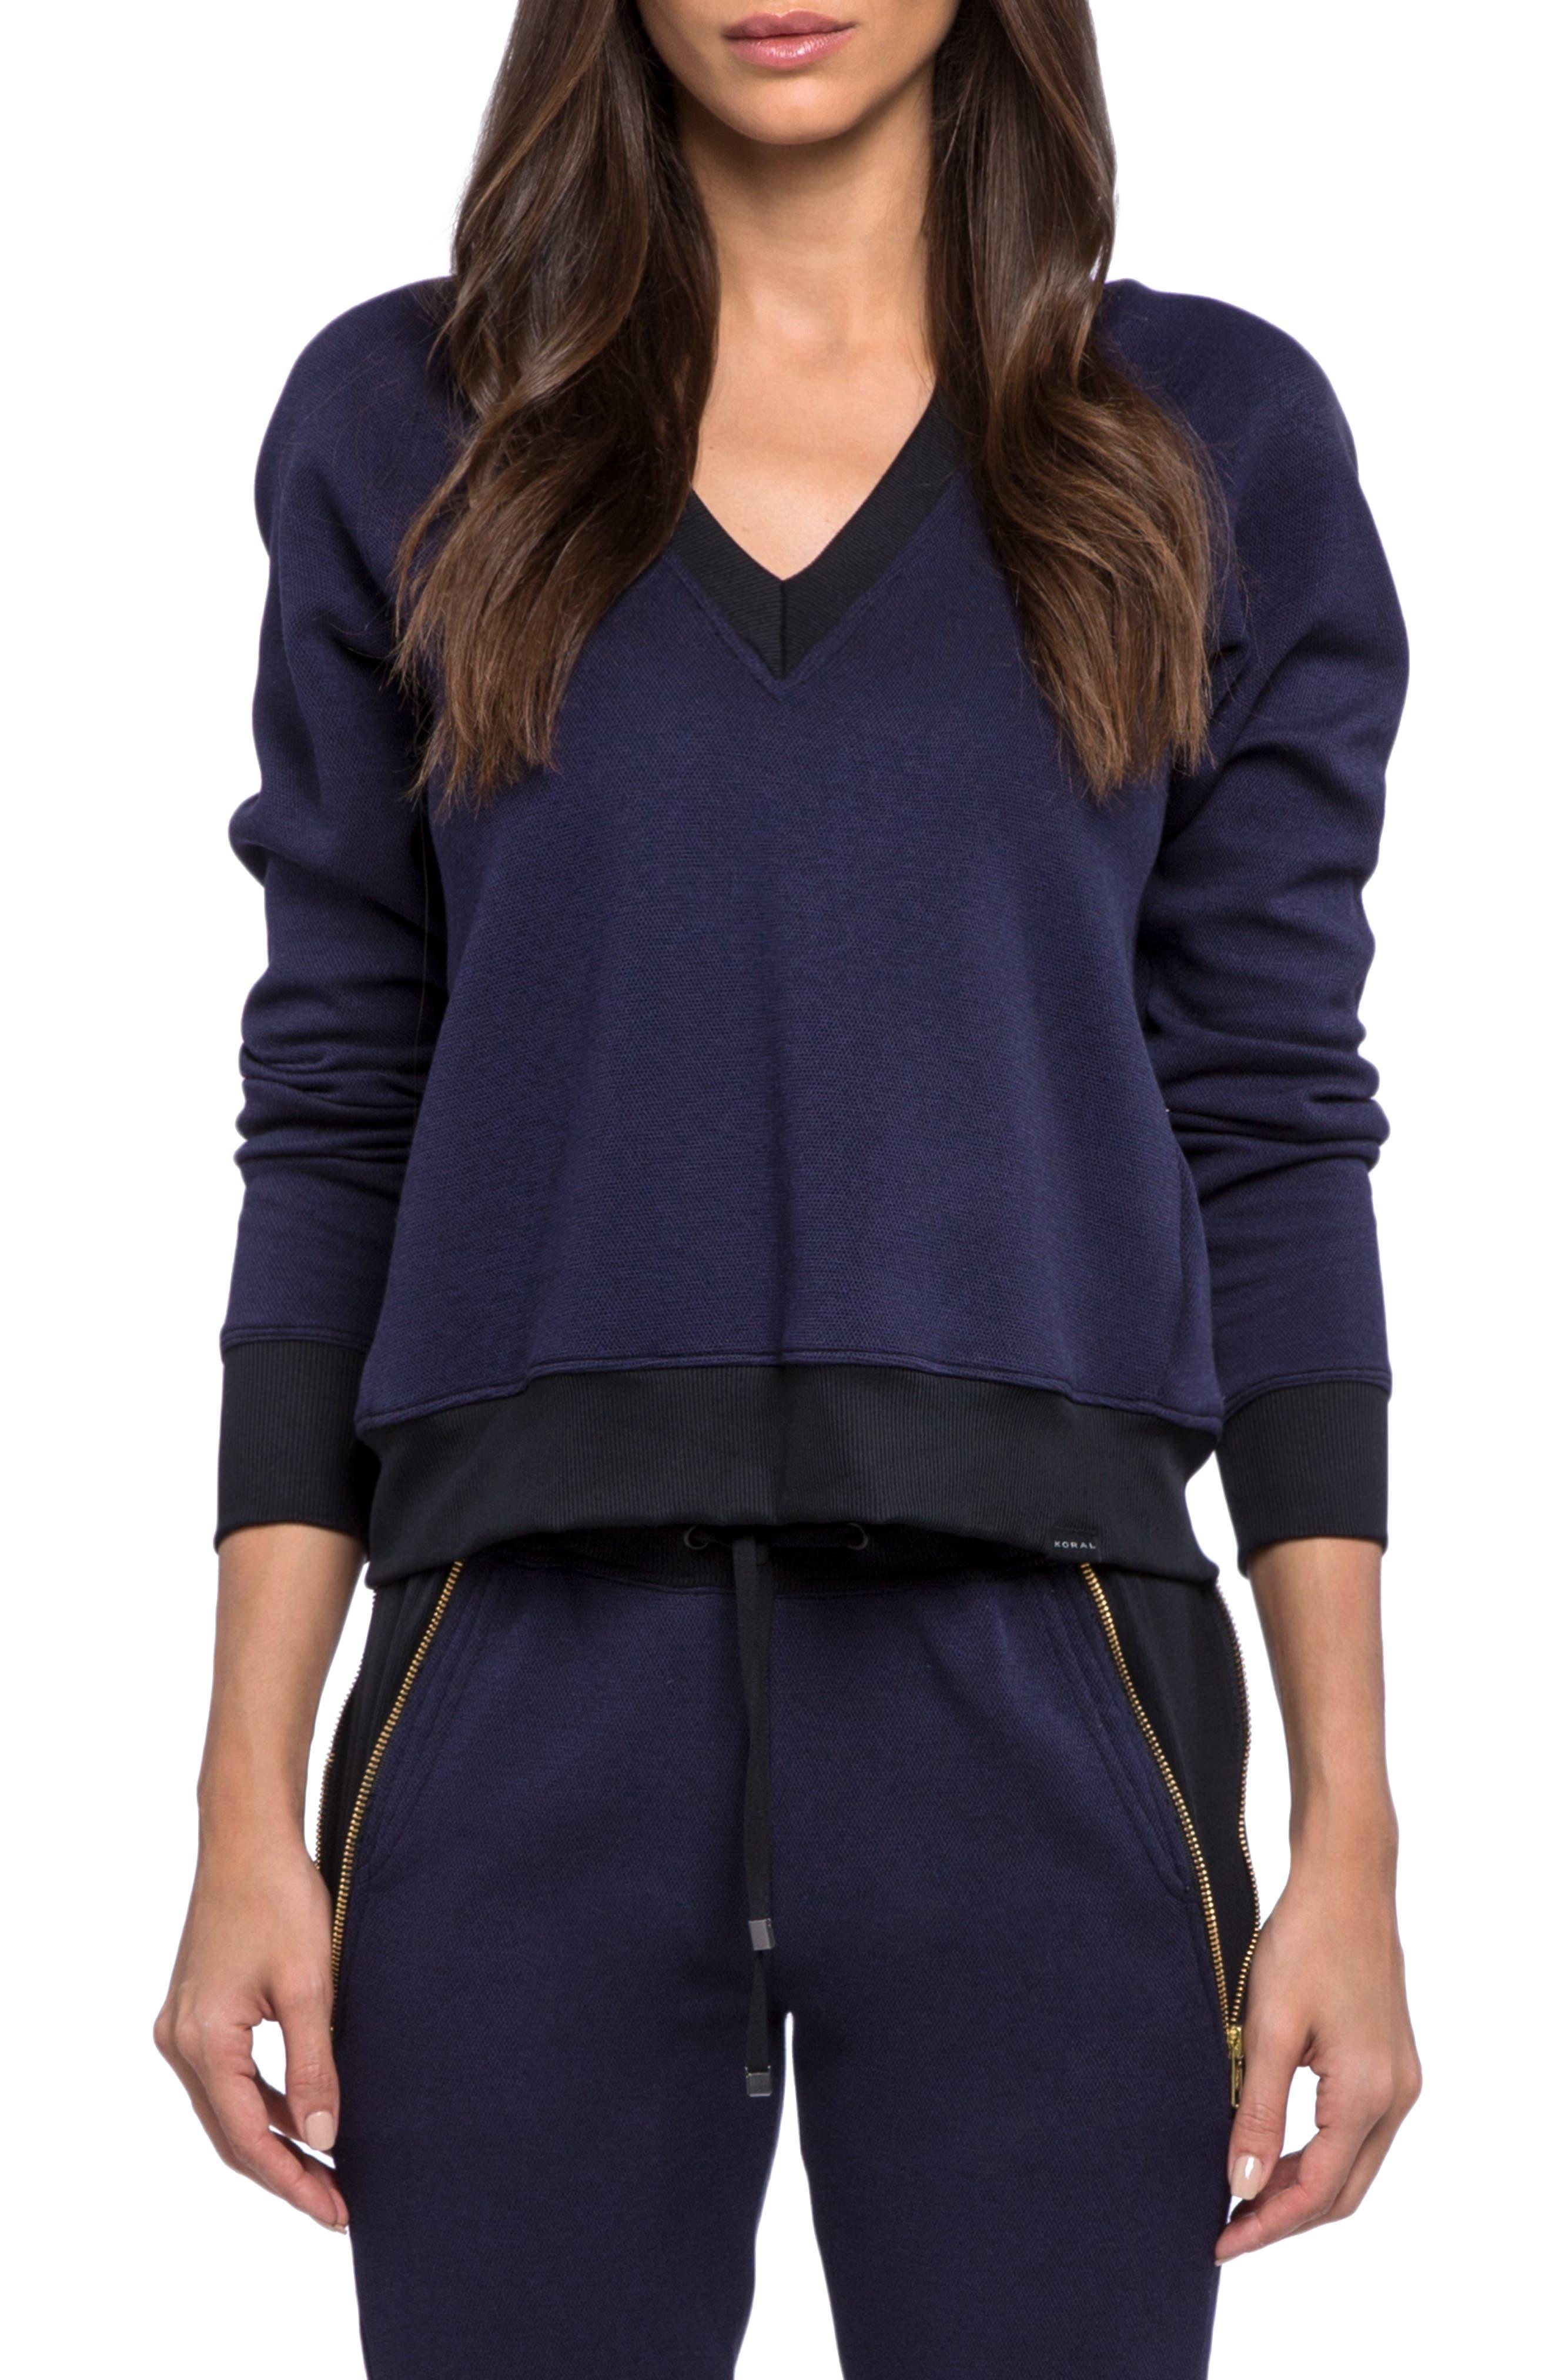 Solitude Gravity Sweatshirt,                         Main,                         color, 400